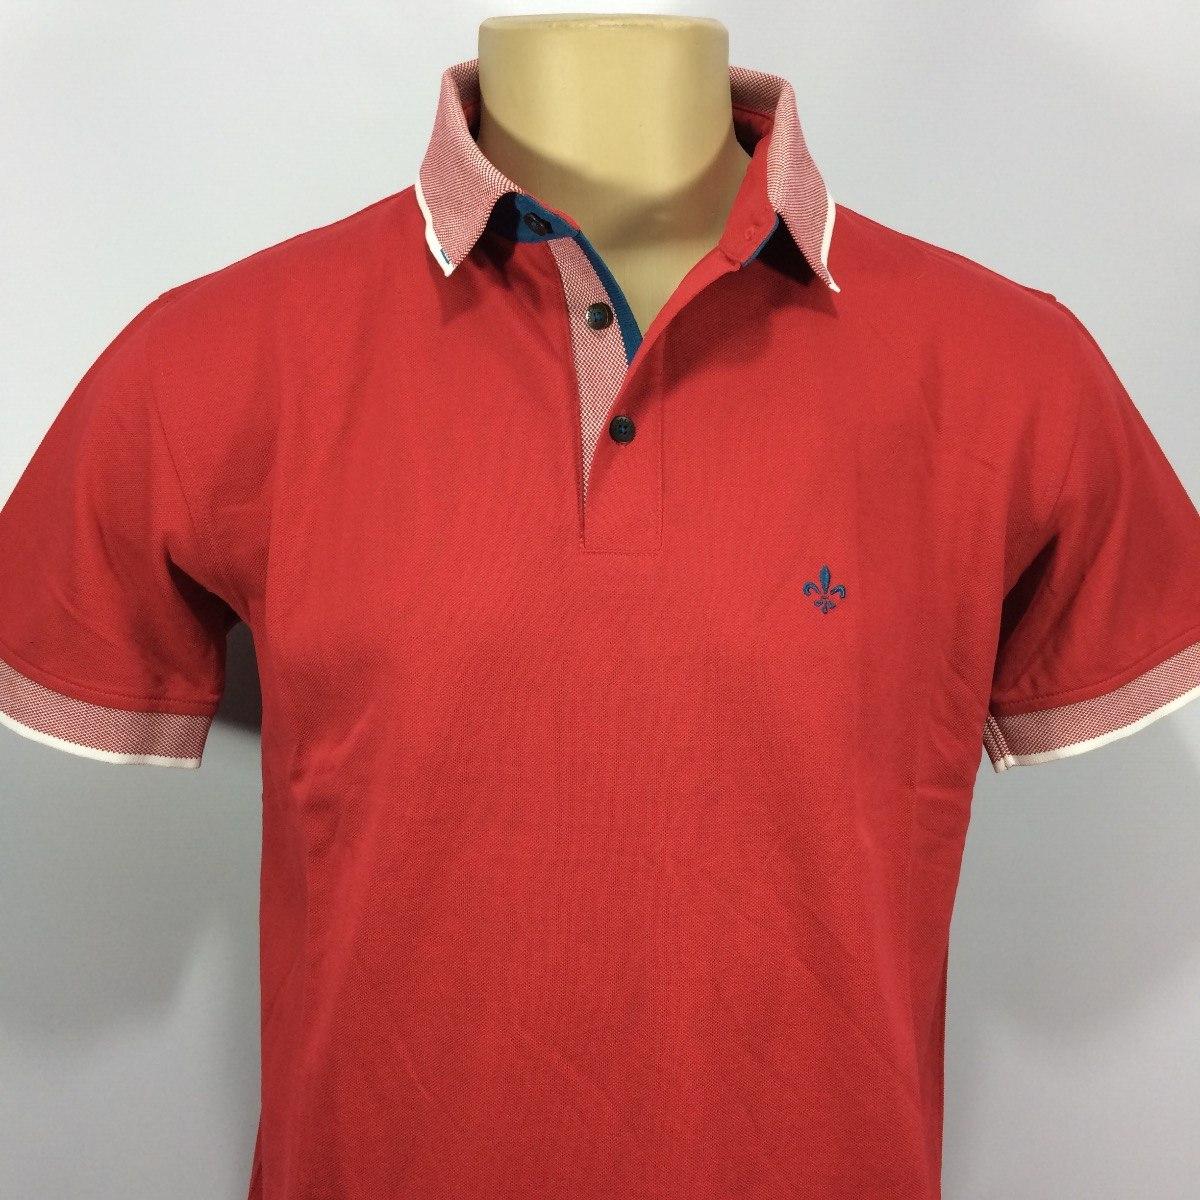 camisa polo dudalina sport pima cotton vários modelos. Carregando zoom. 46c4b4cf30c1f